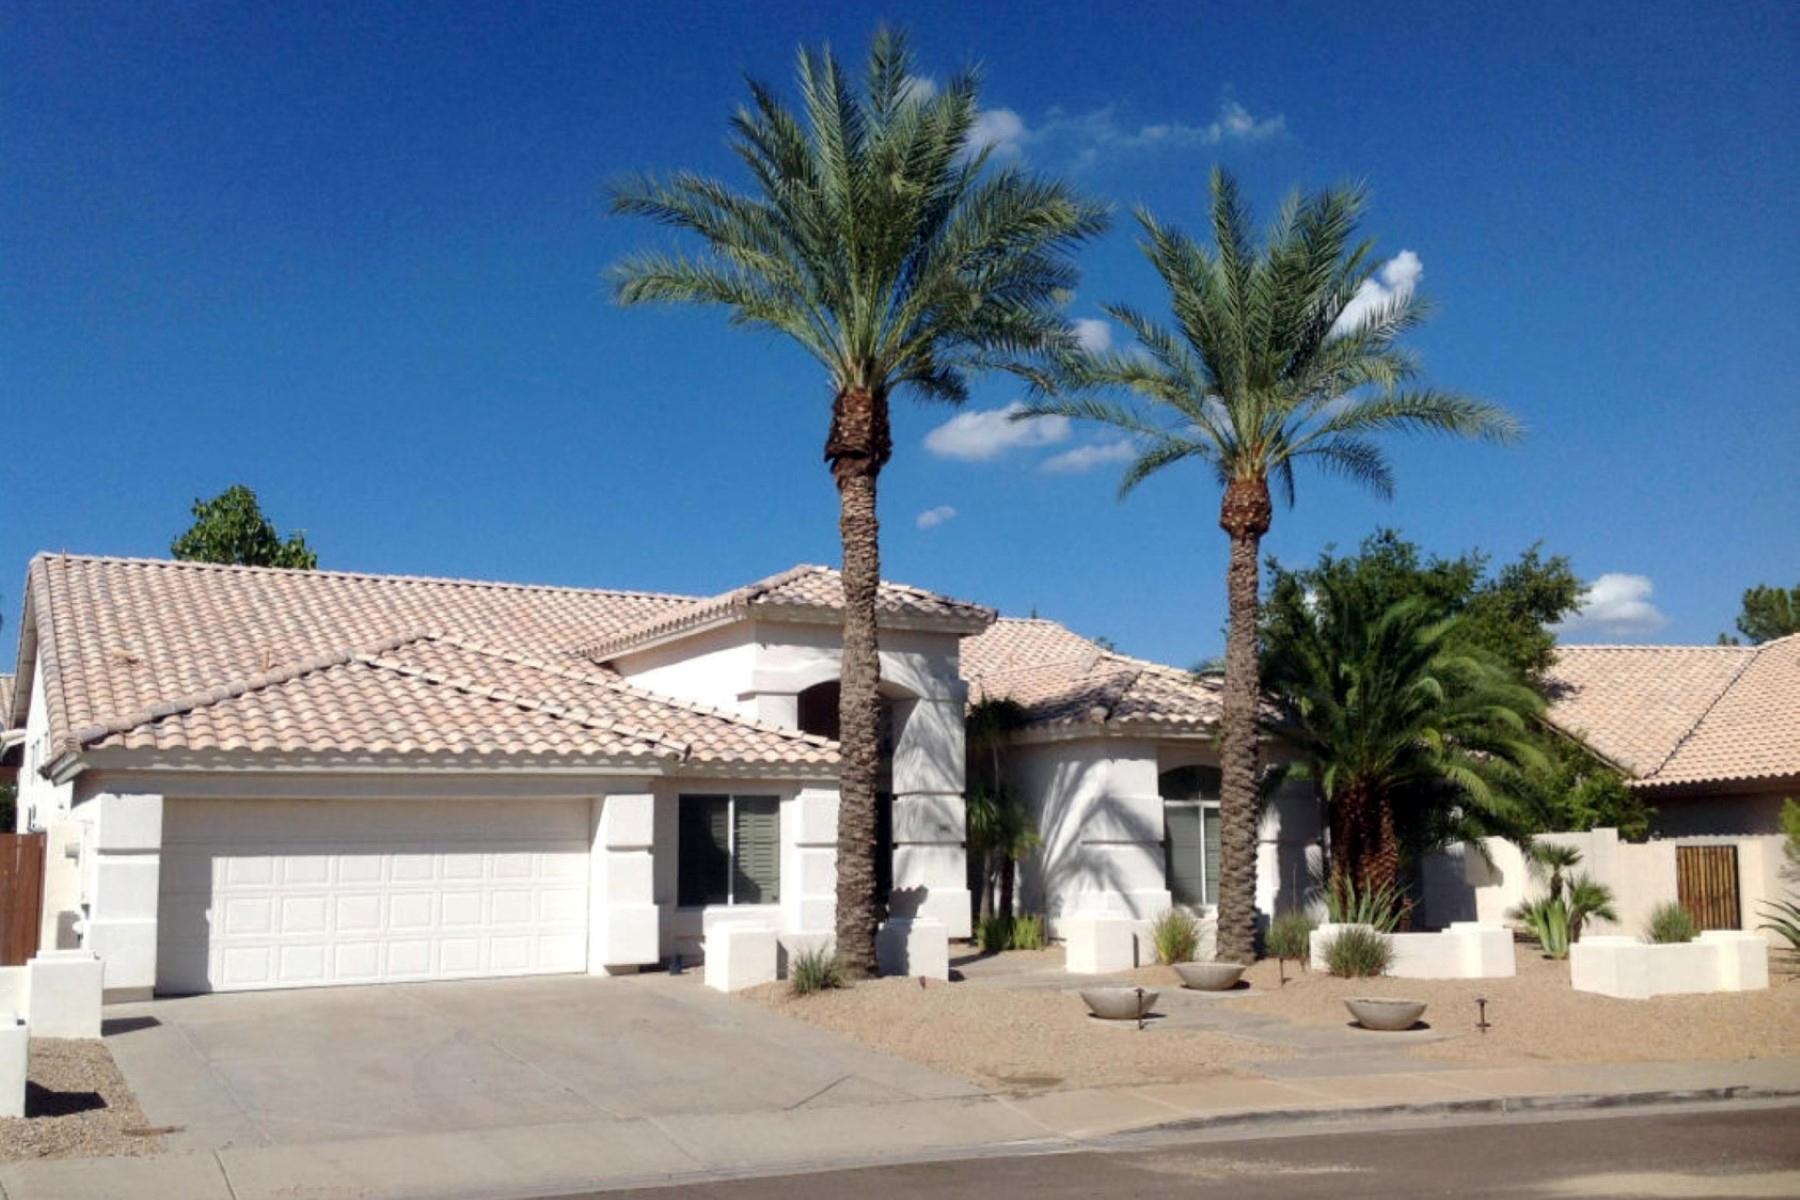 Maison unifamiliale pour l Vente à Extremely Upgraded Remodel in Mountain Park Ranch 3162 E Desert Broom Way Phoenix, Arizona 85048 États-Unis